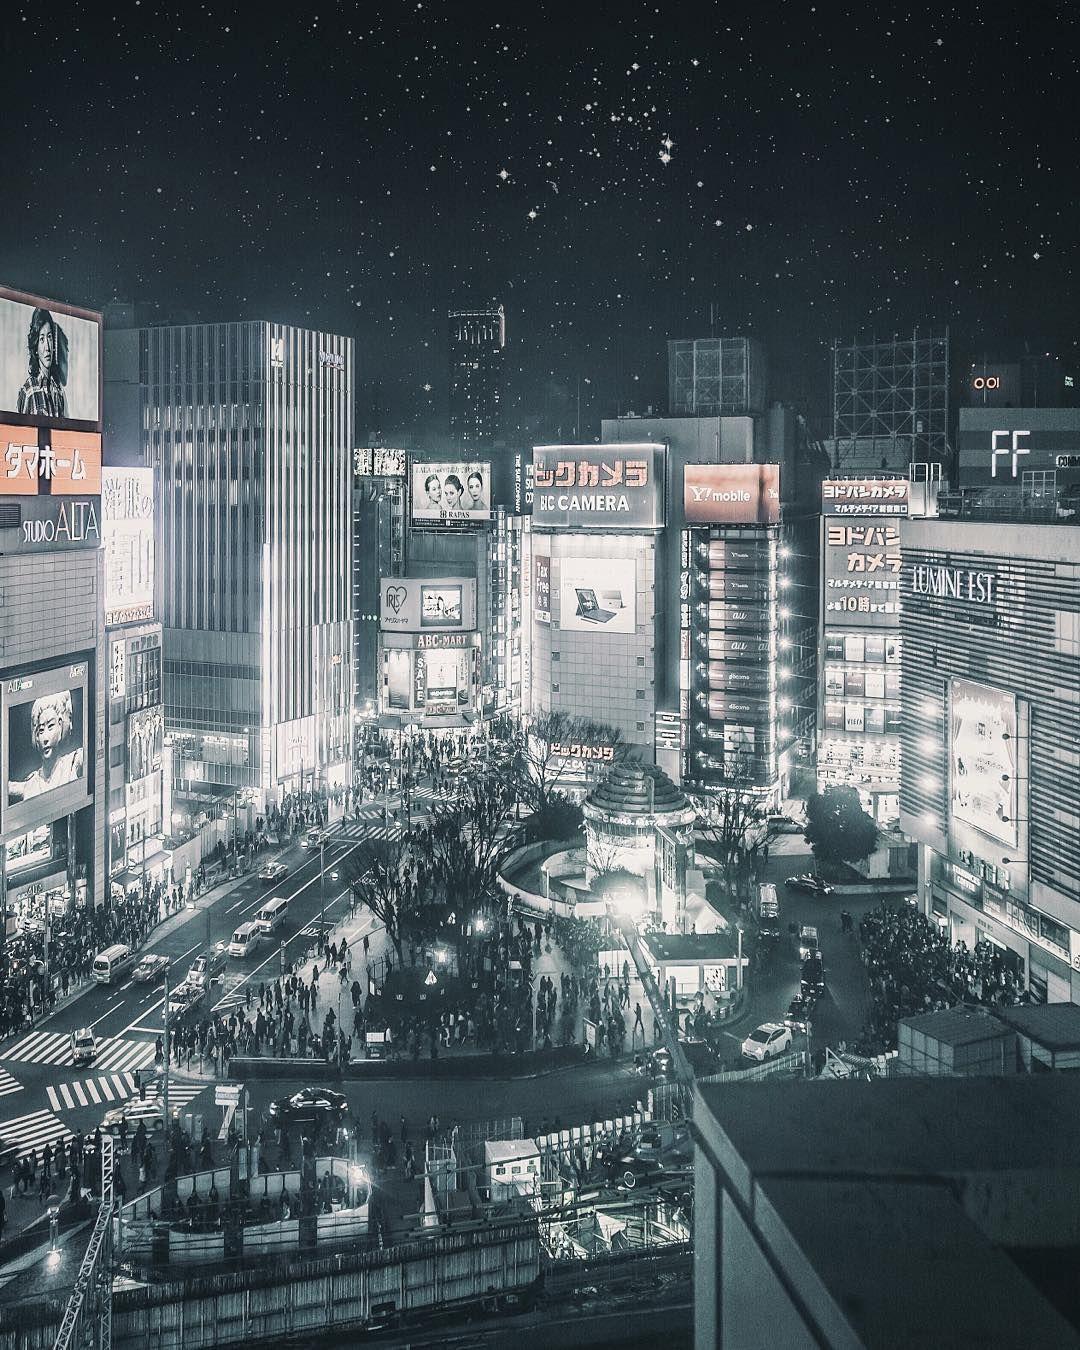 インスタで話題の世界で活躍する若手有名日本人写真家